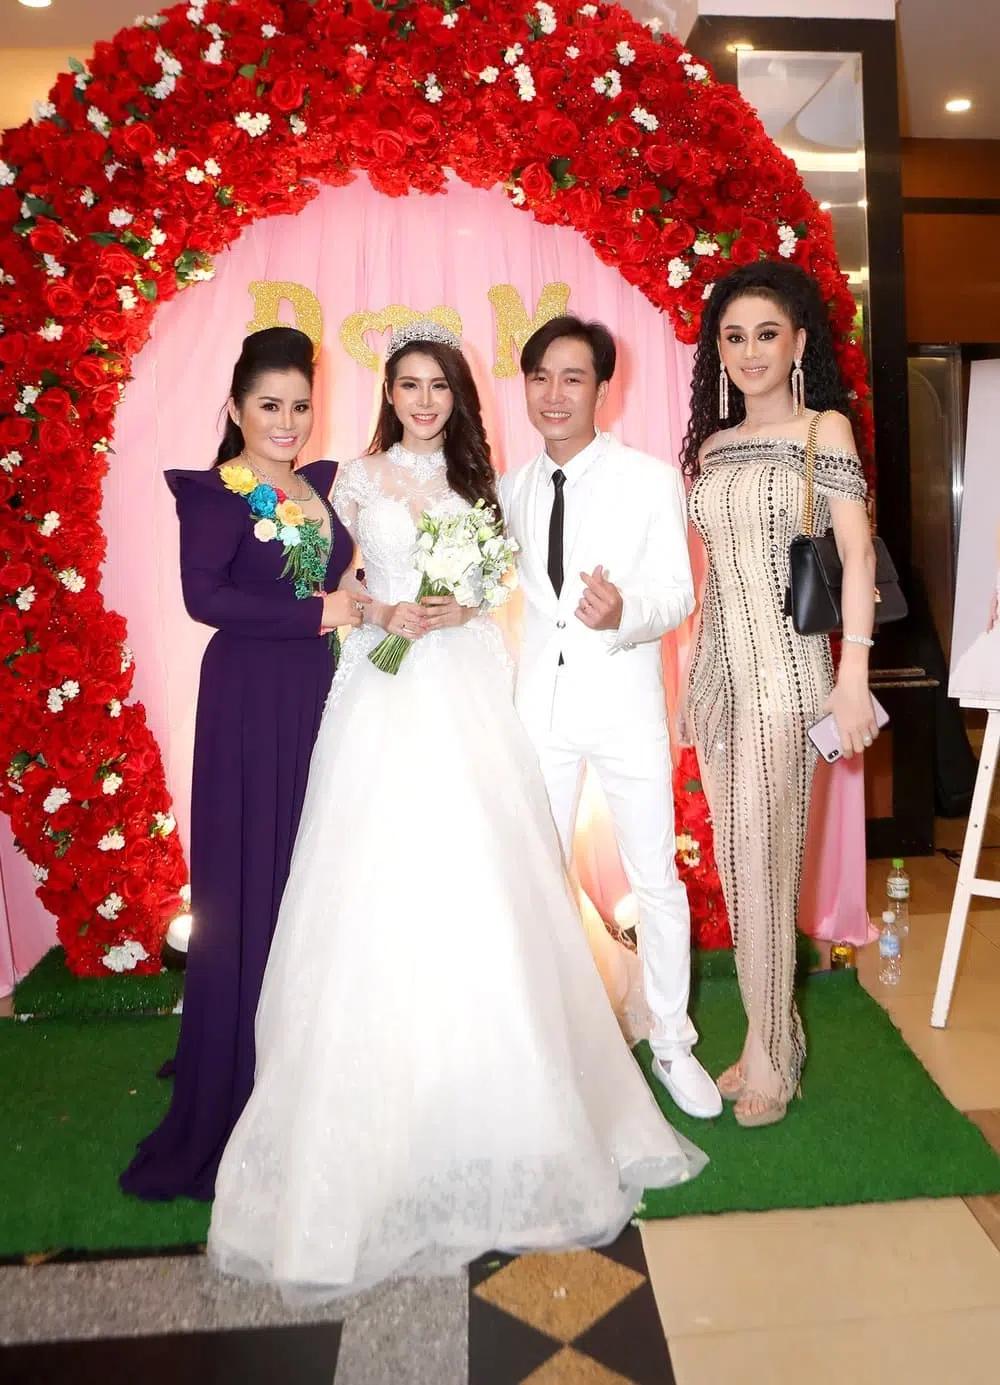 Đi đám cưới tình cũ Quý Bình, Lâm Khánh Chi thay tới 2 bộ váy cắt khoét hiểm hóc, chỉ vì đôi cao gót khủng nhưng xém chút thì vồ ếch - Ảnh 8.